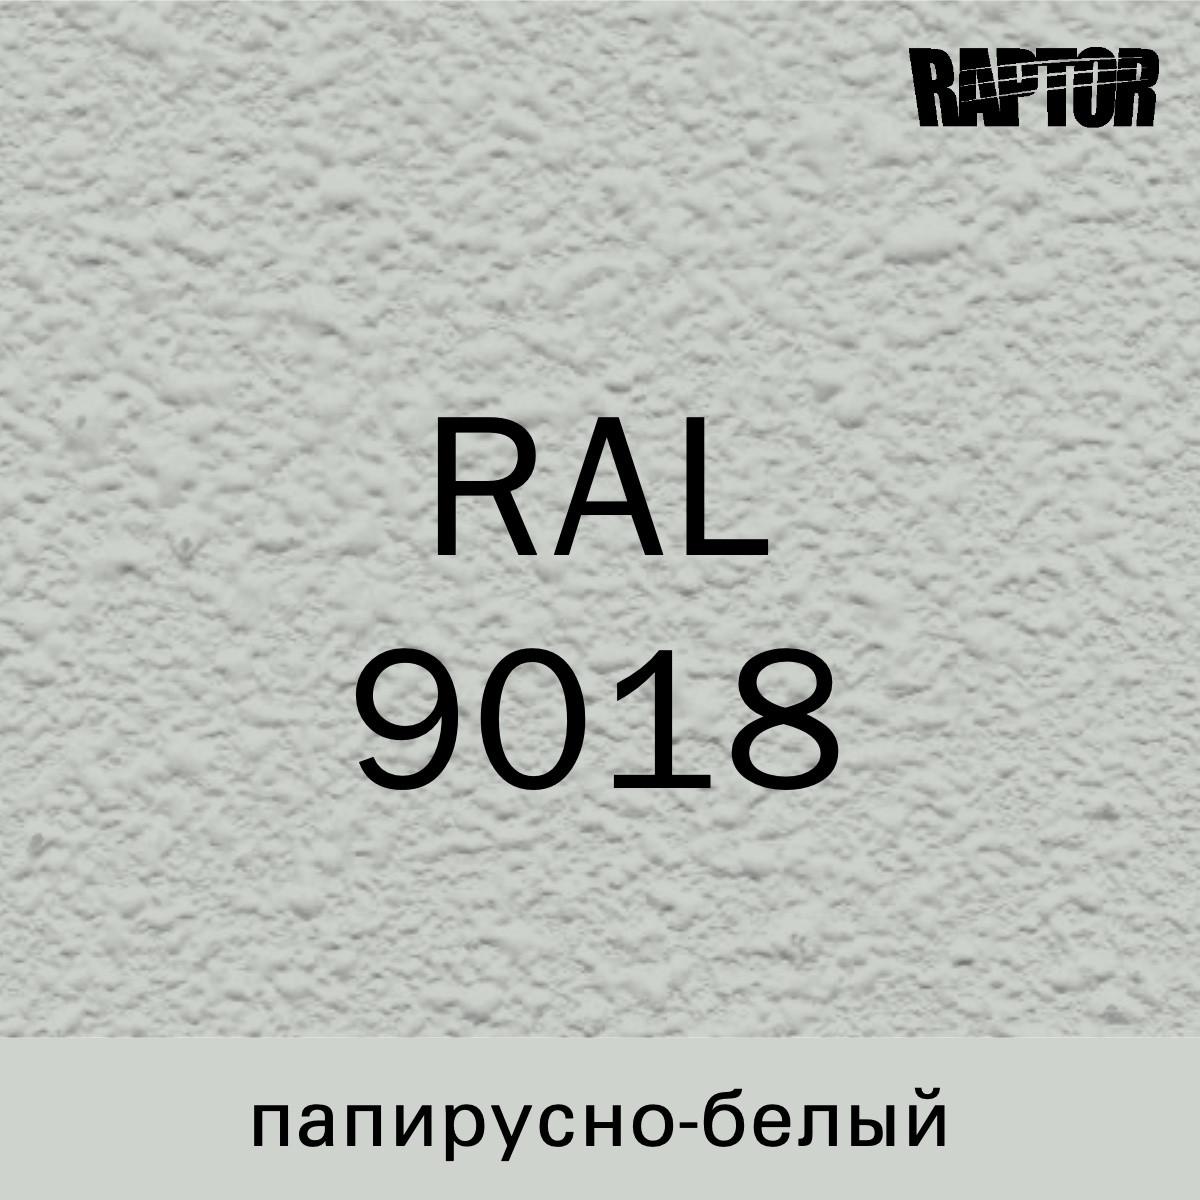 Пигмент для колеровки покрытия RAPTOR™ Папирусно-белый (RAL 9018)